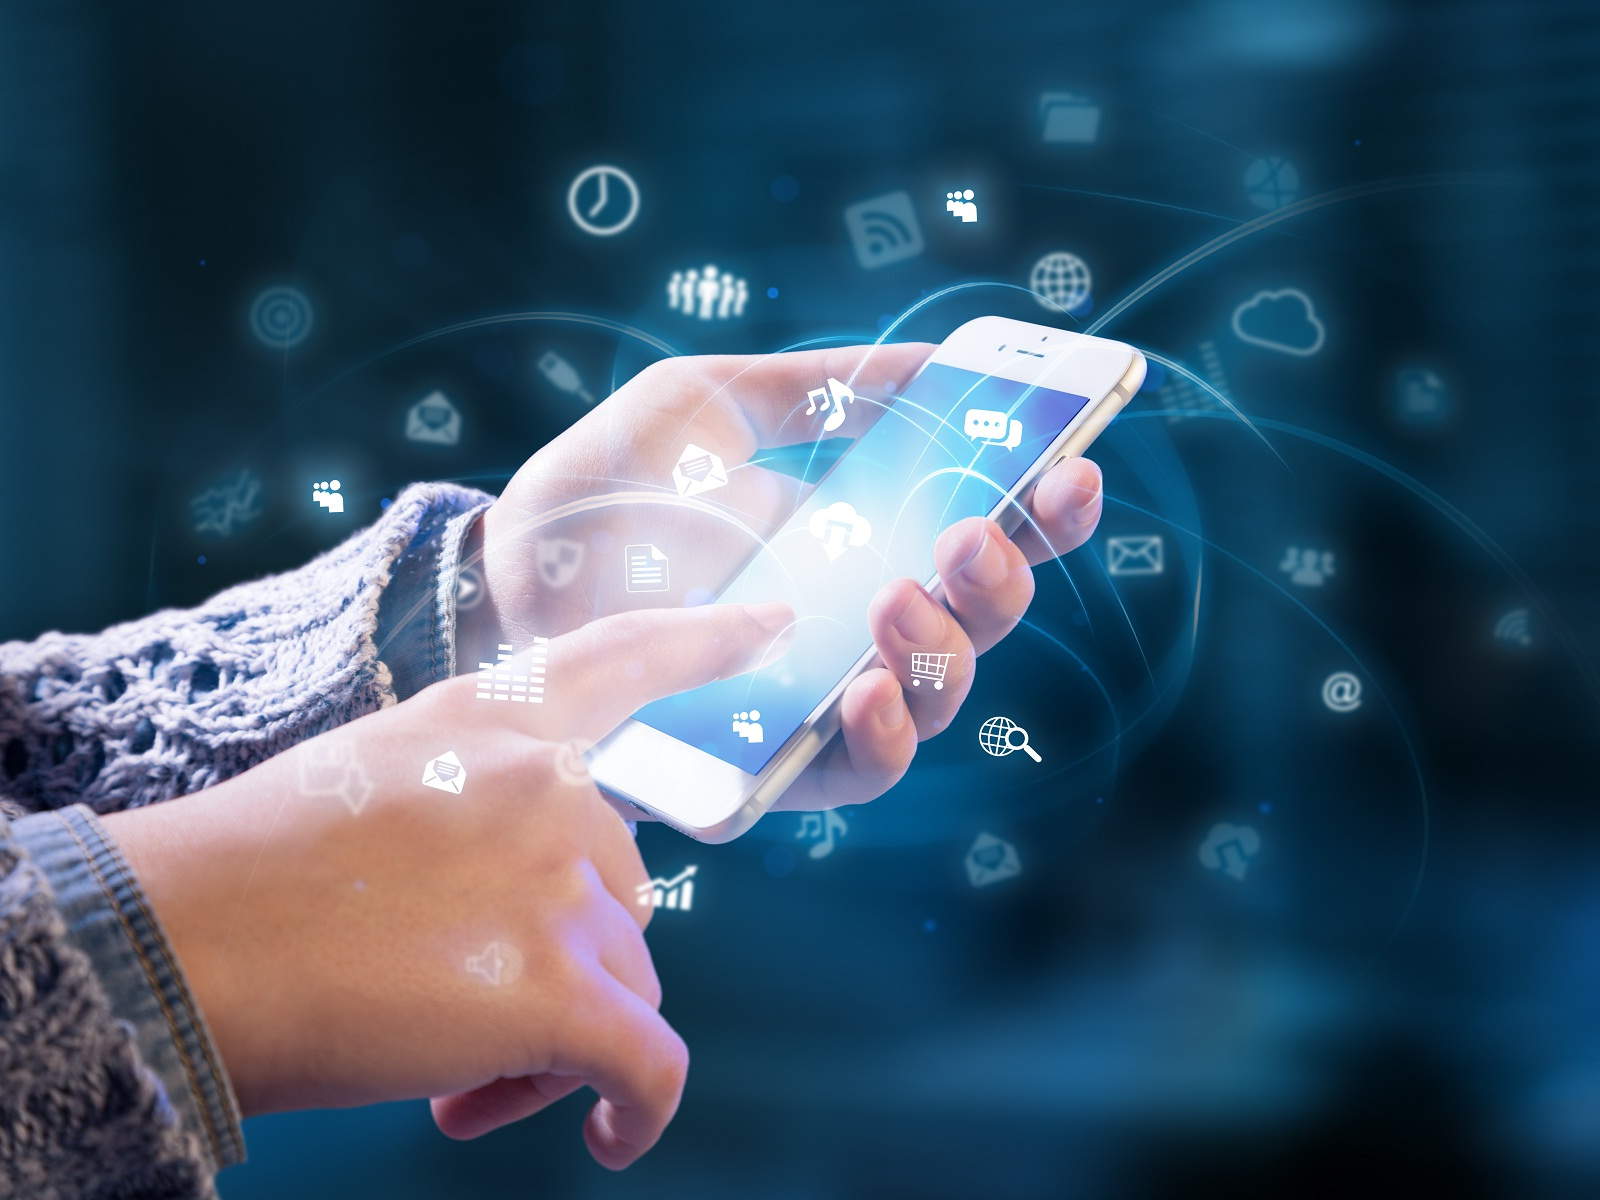 Mobil Teknolojileri (2 Yıllık) 2019 Taban Puanları ve Başarı Sıralamaları